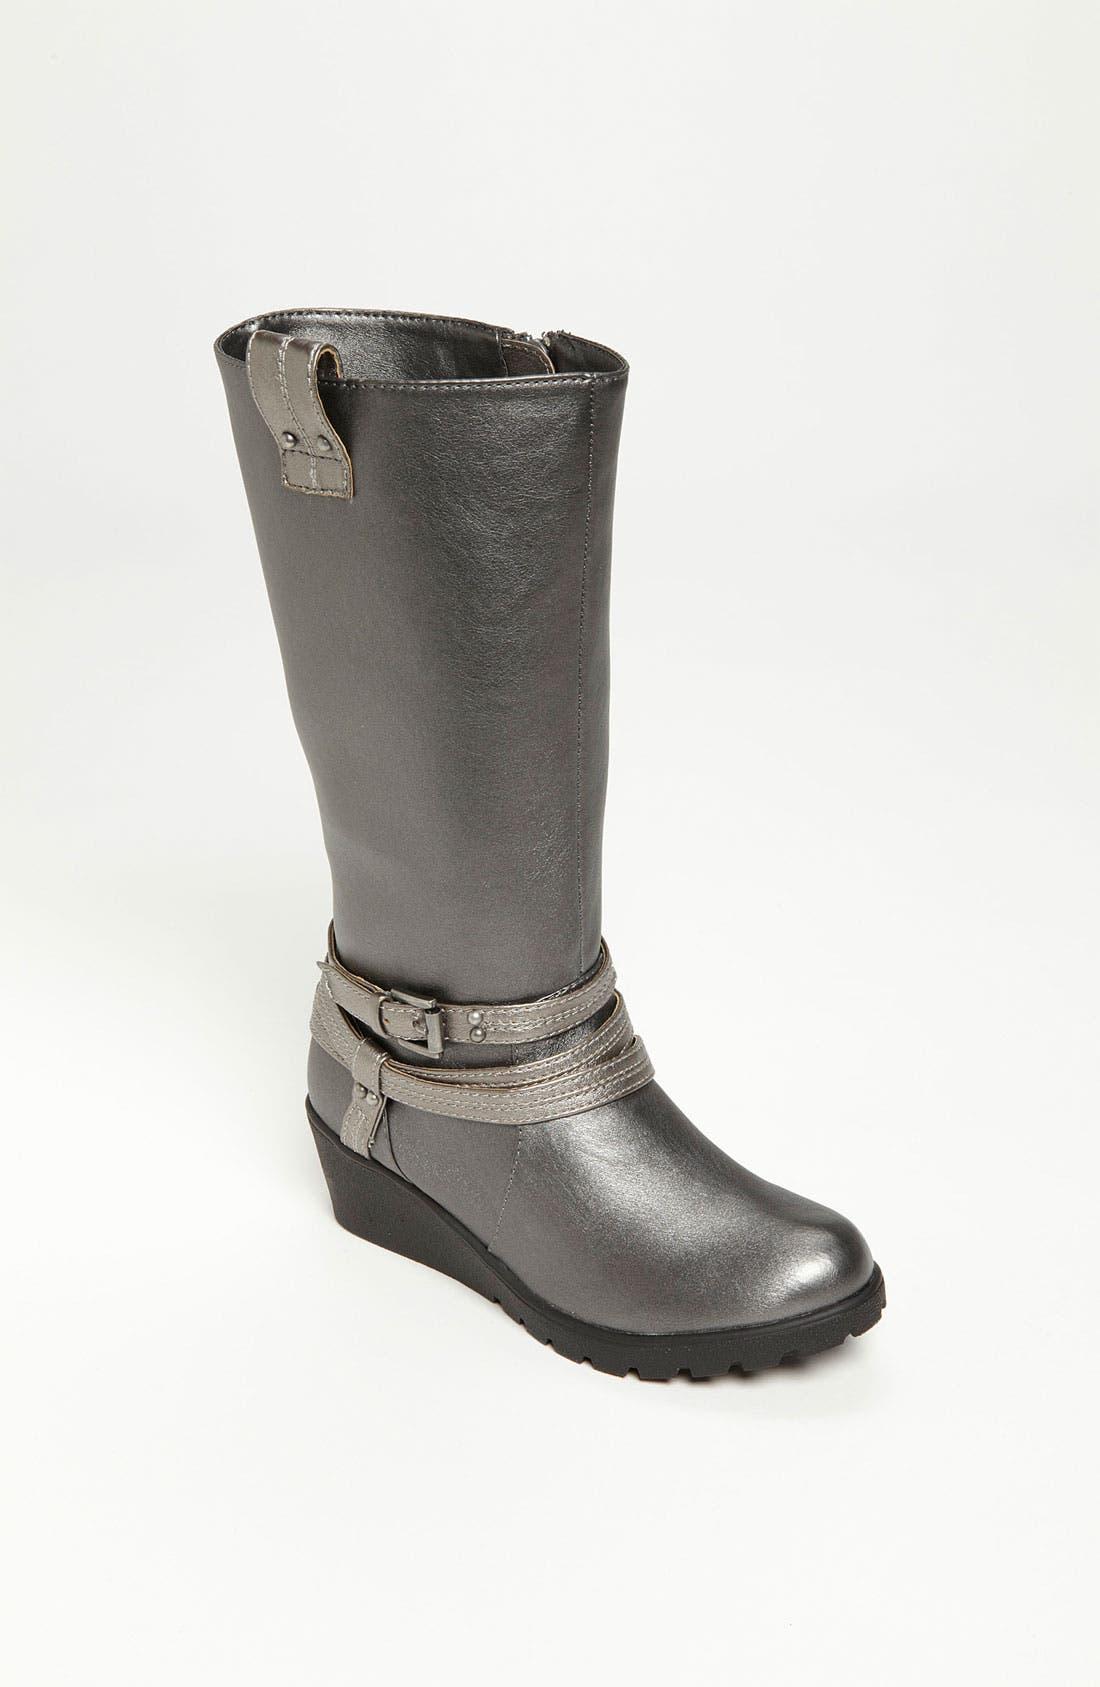 Alternate Image 1 Selected - Jessica Simpson 'Kit' Boot (Little Kid & Big Kid)